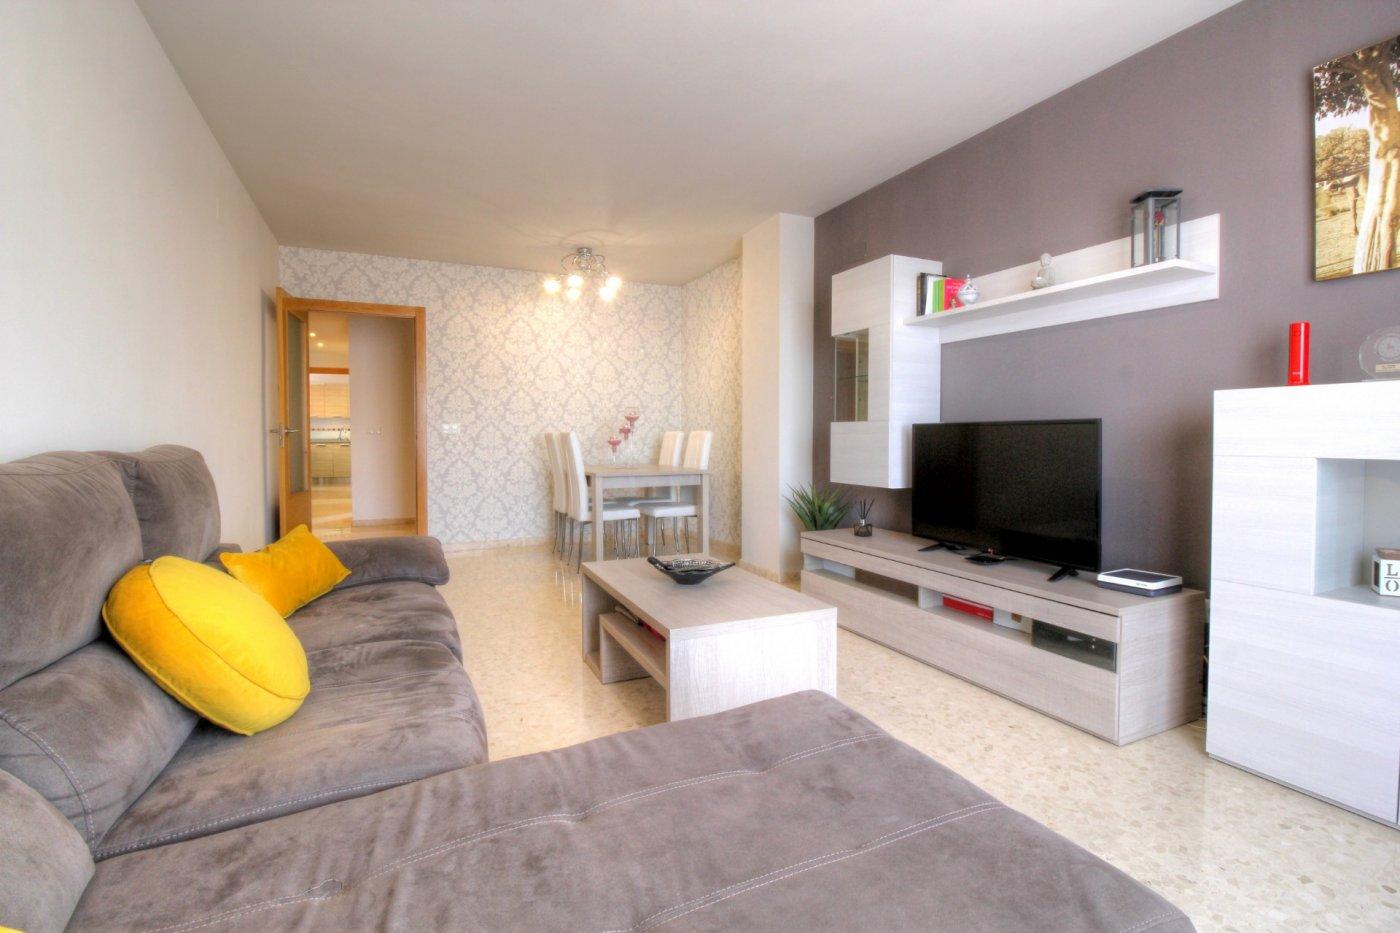 atico-duplex en vila-real · av-franca 150000€